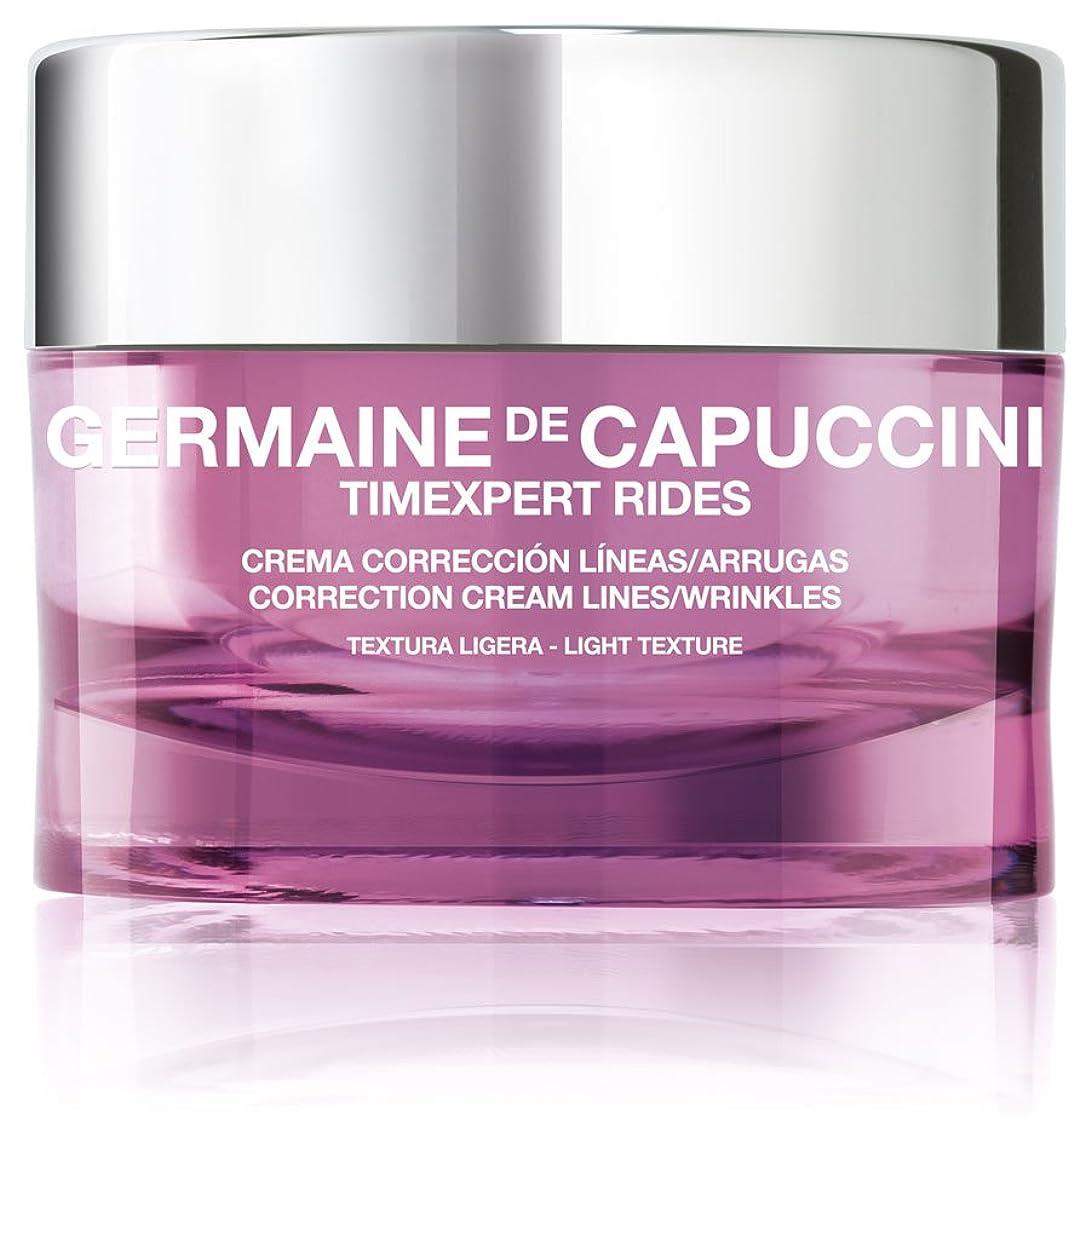 ジュラシックパーク消費する対称Germaine de Capuccini - ライン/しわクリーム50ミリリットル光テクスチャ補正 - 【並行輸入品】